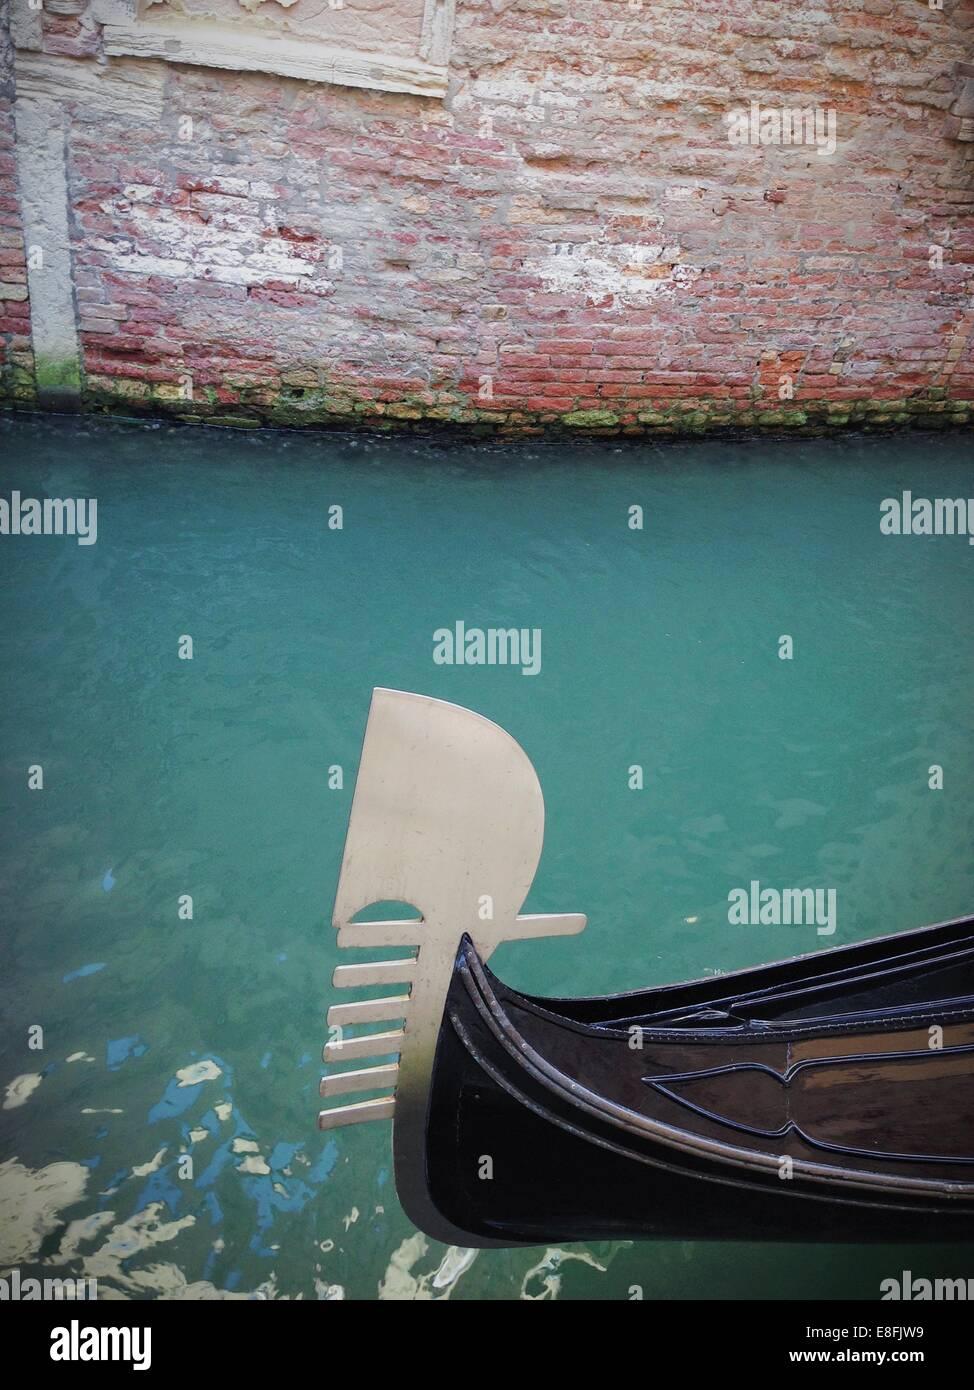 Italien, Venedig, typische Ornament von Booten Stockbild